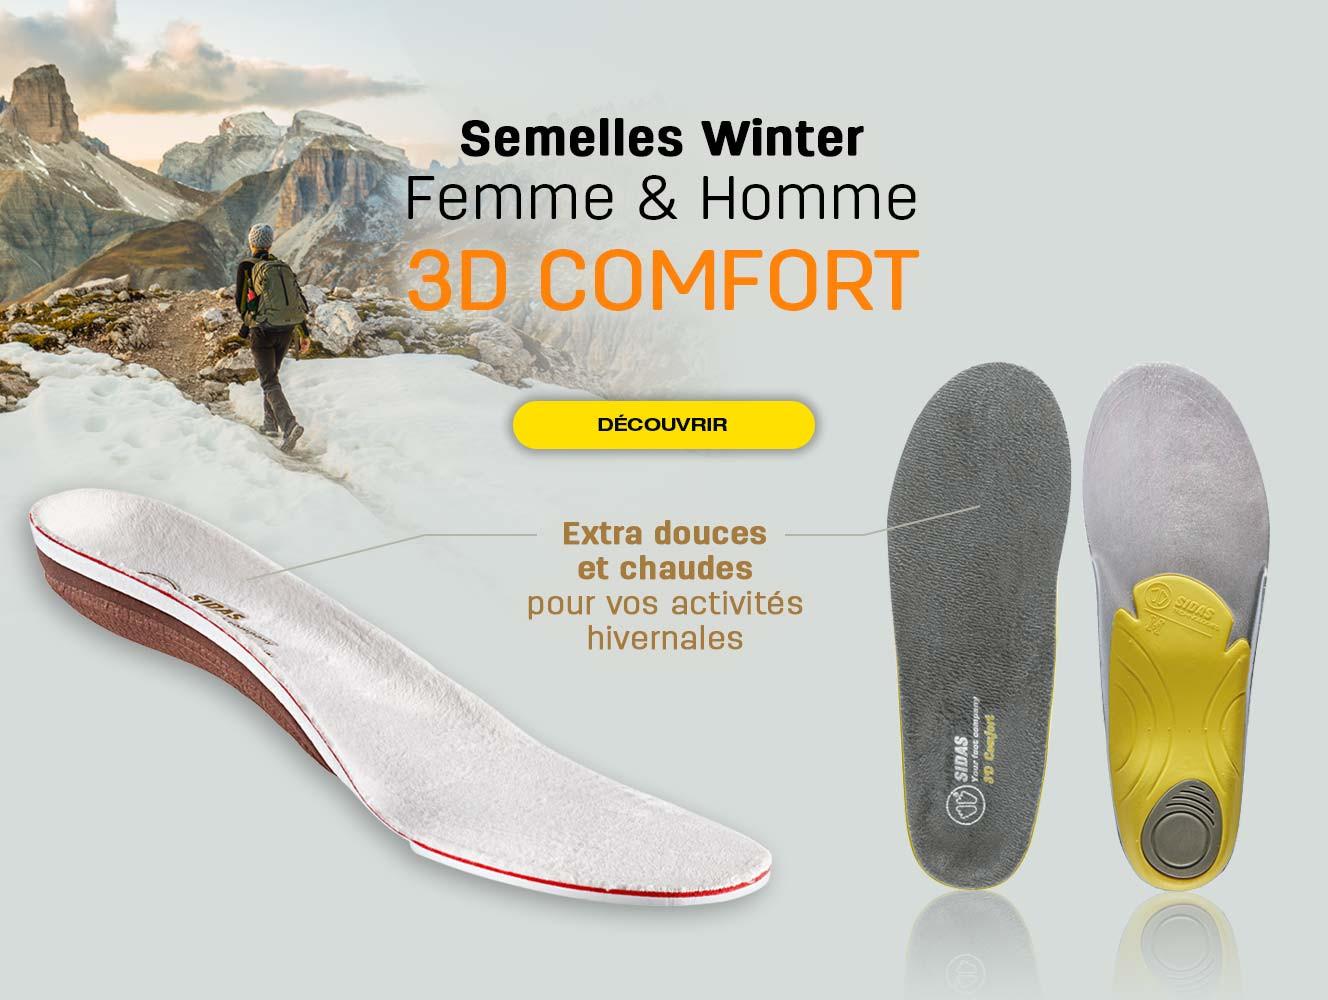 Les semelles extra douces et chaudes pour vos activités hivernales